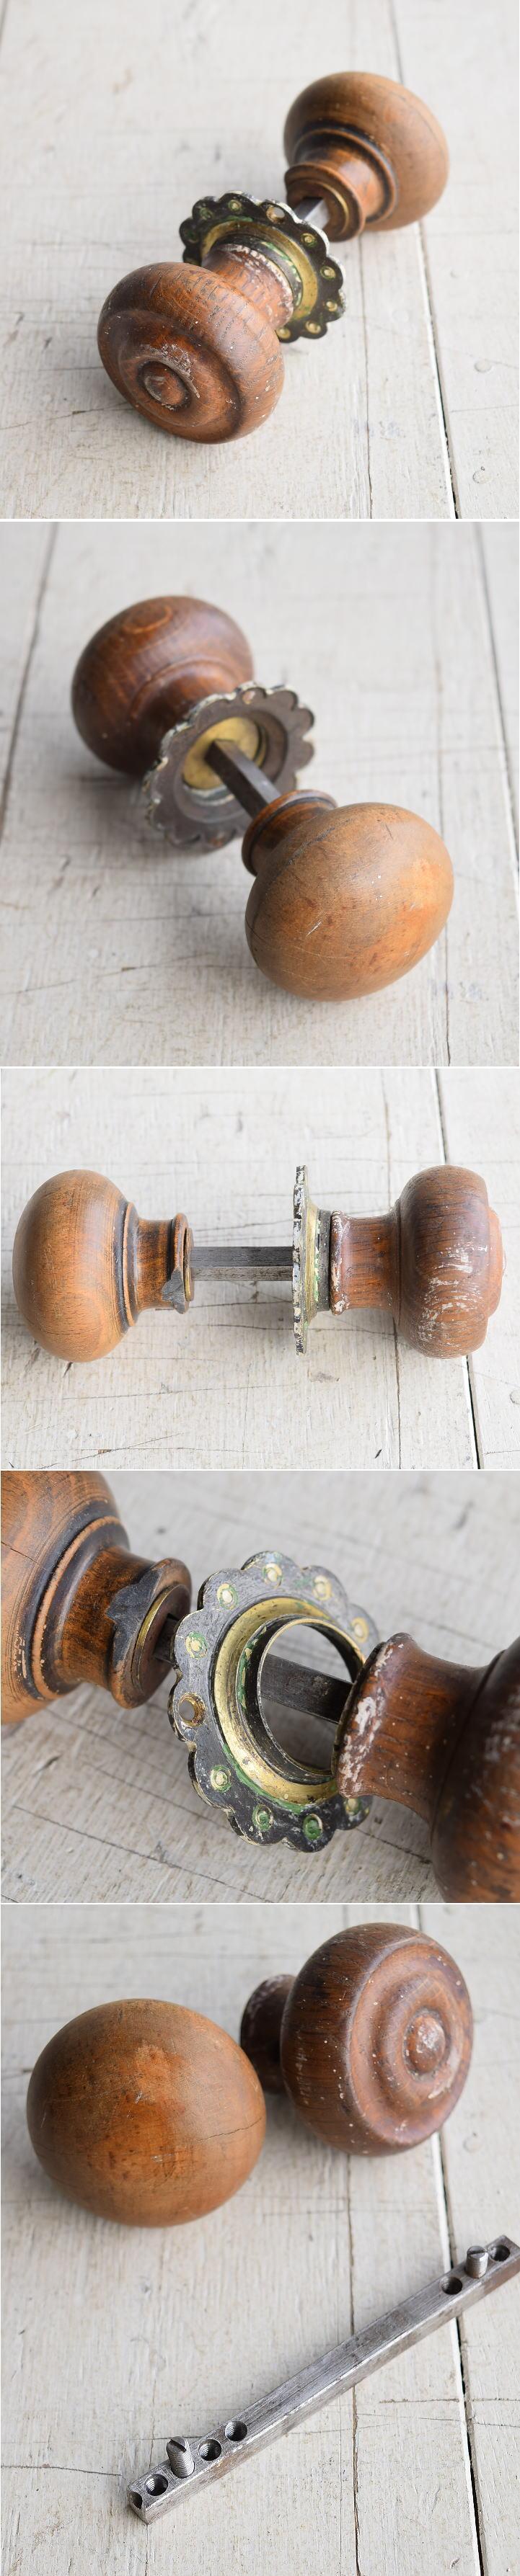 イギリス アンティーク 木製 ドアノブ 建具金物 握り玉 7891